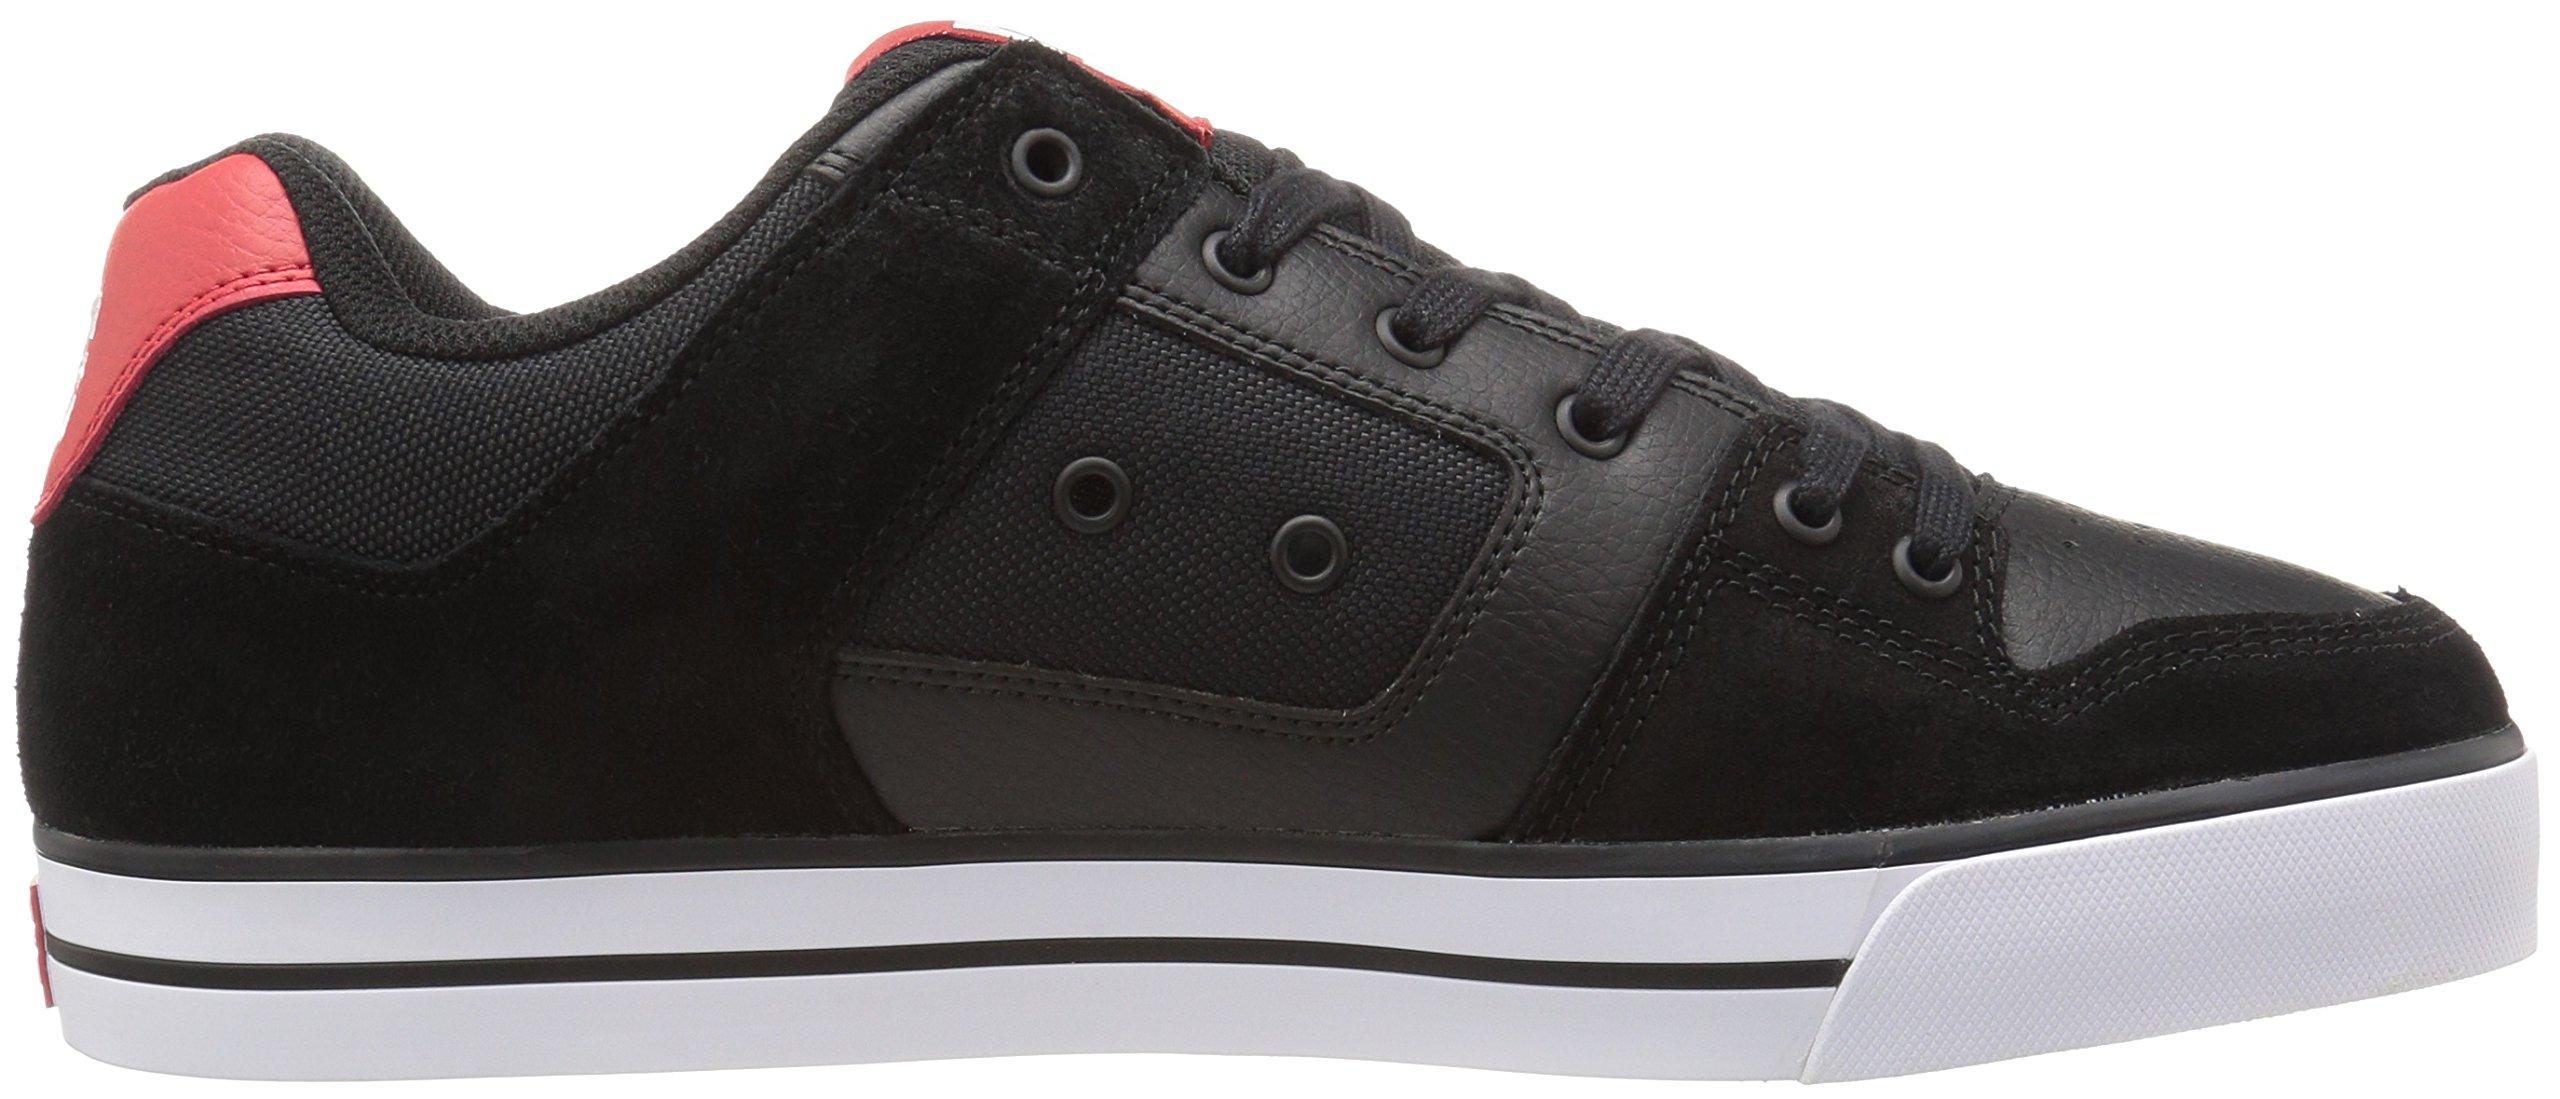 DC Shoes Mens Shoes Pure - Shoes - Men - 9.5 - Black Black/Athletic Red 9.5 by DC (Image #7)